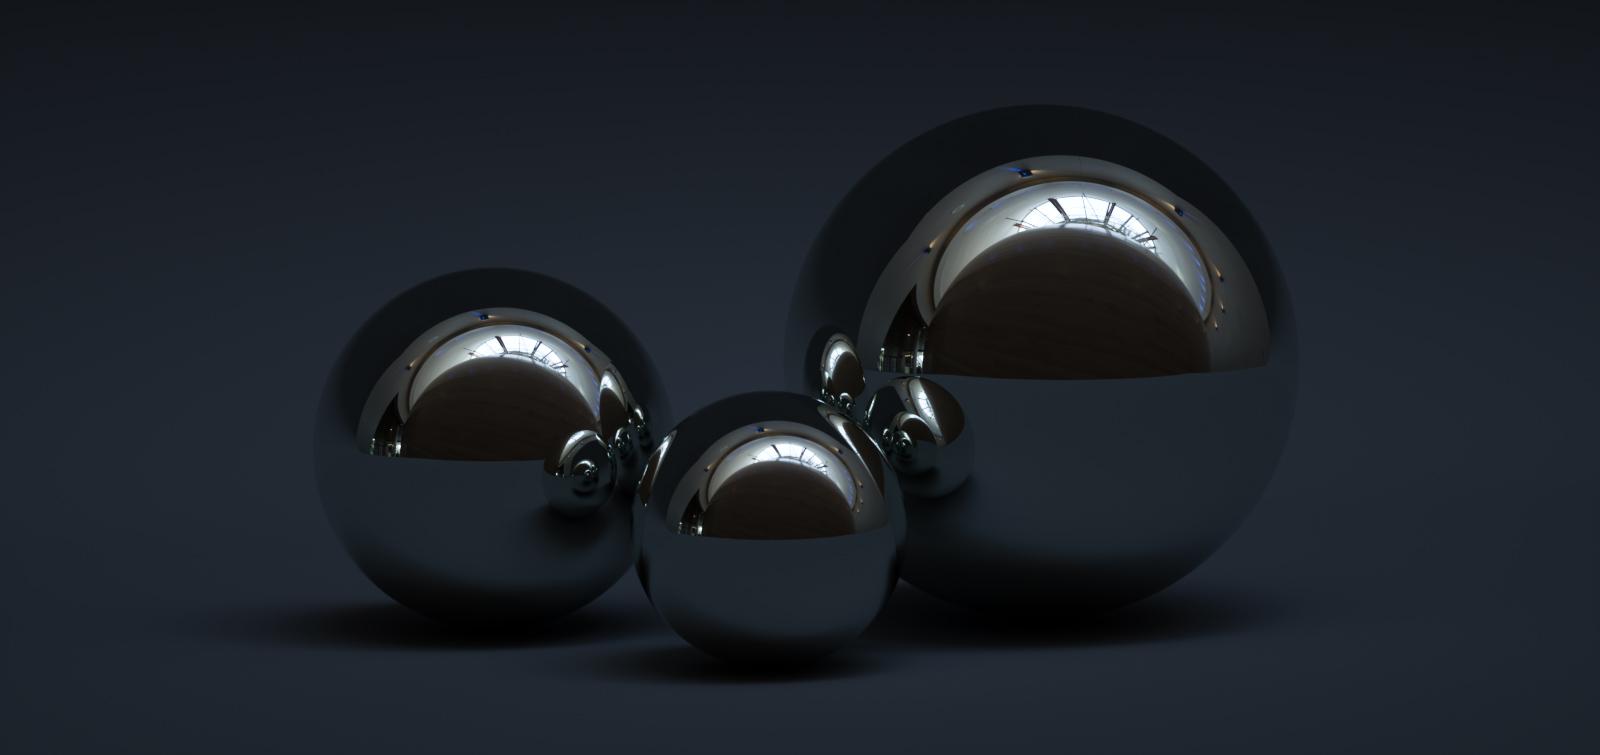 chrome_balls-3.5.jpg